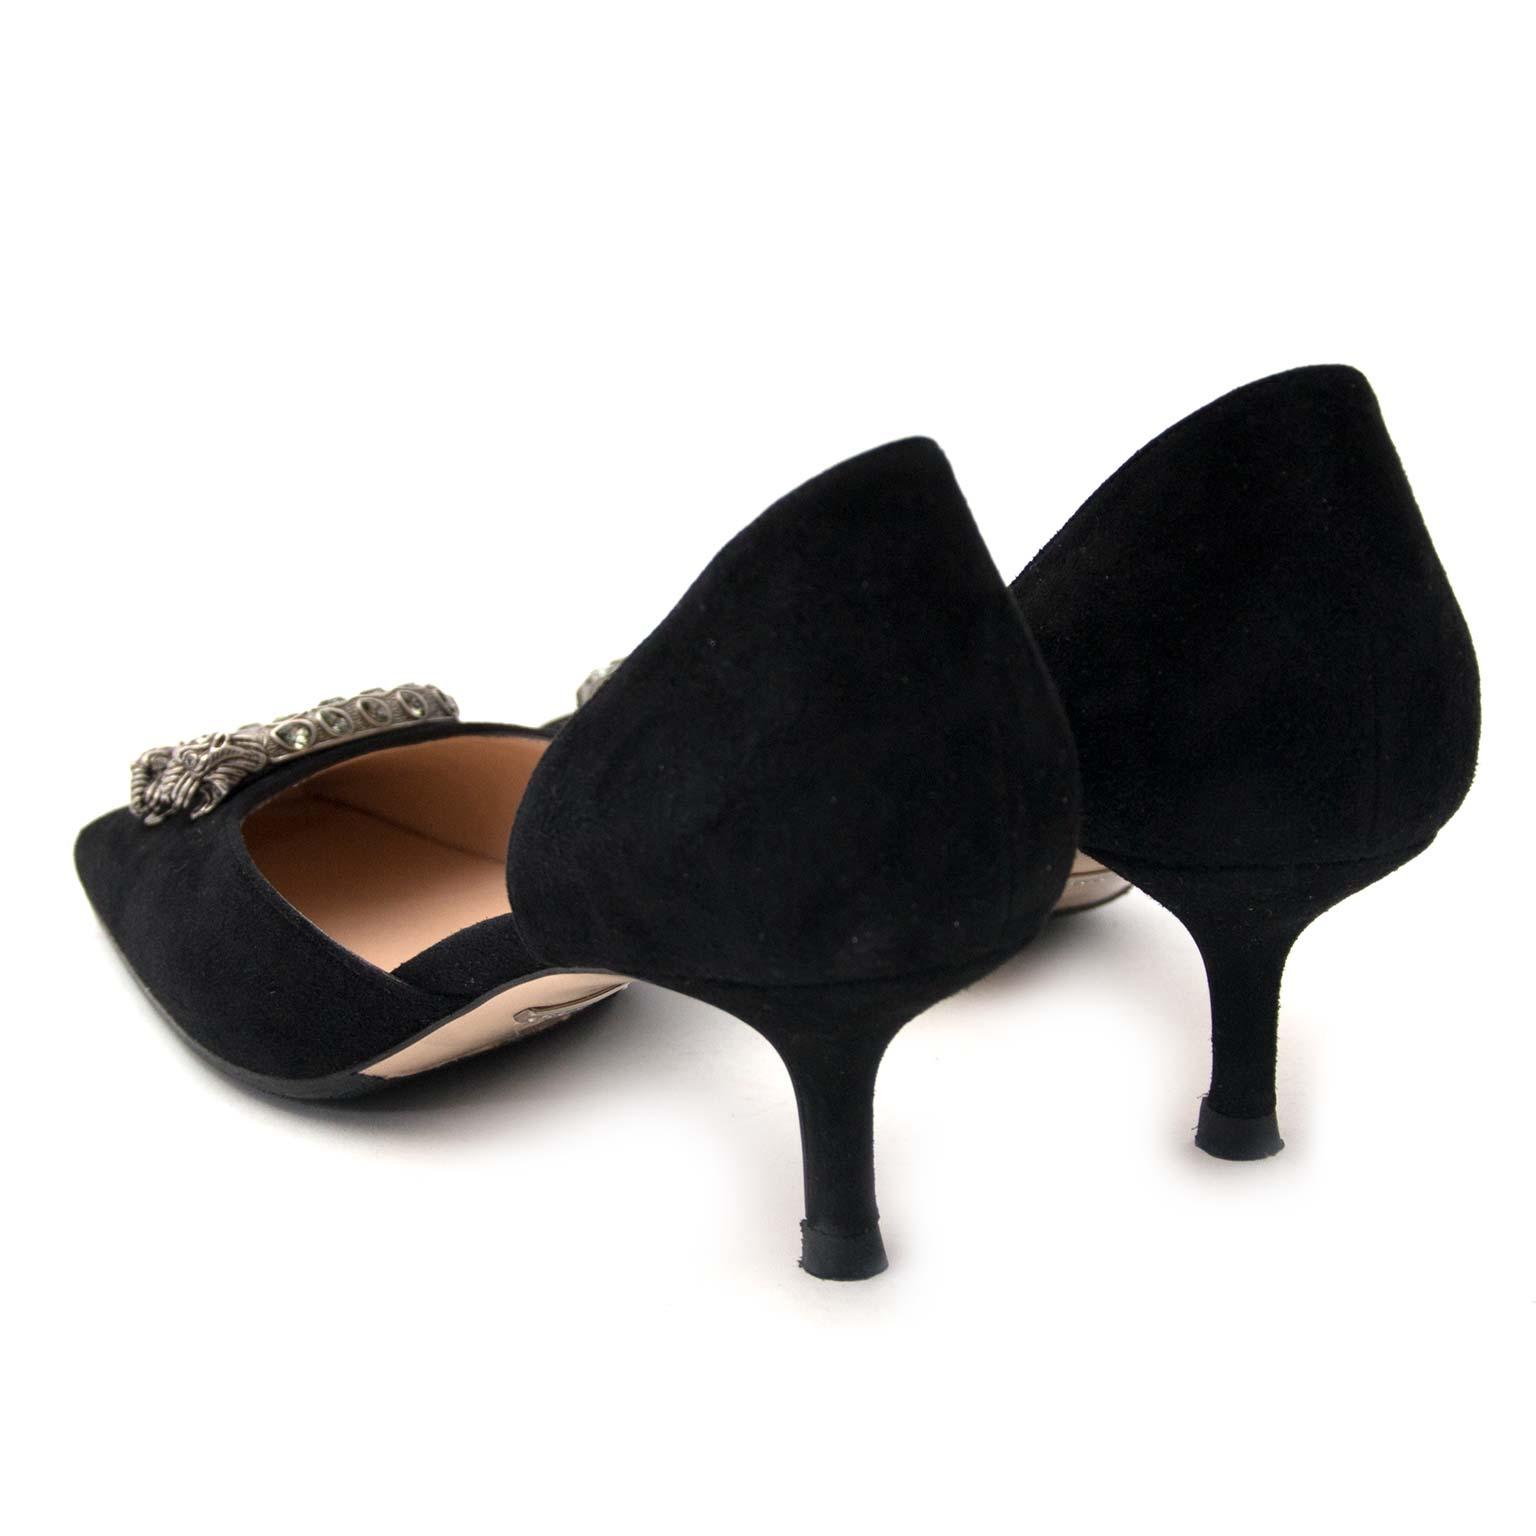 Gucci Black Dionysus Kitten Heel Pumps Suede Size 39 koop veilig online tegen de beste prijs